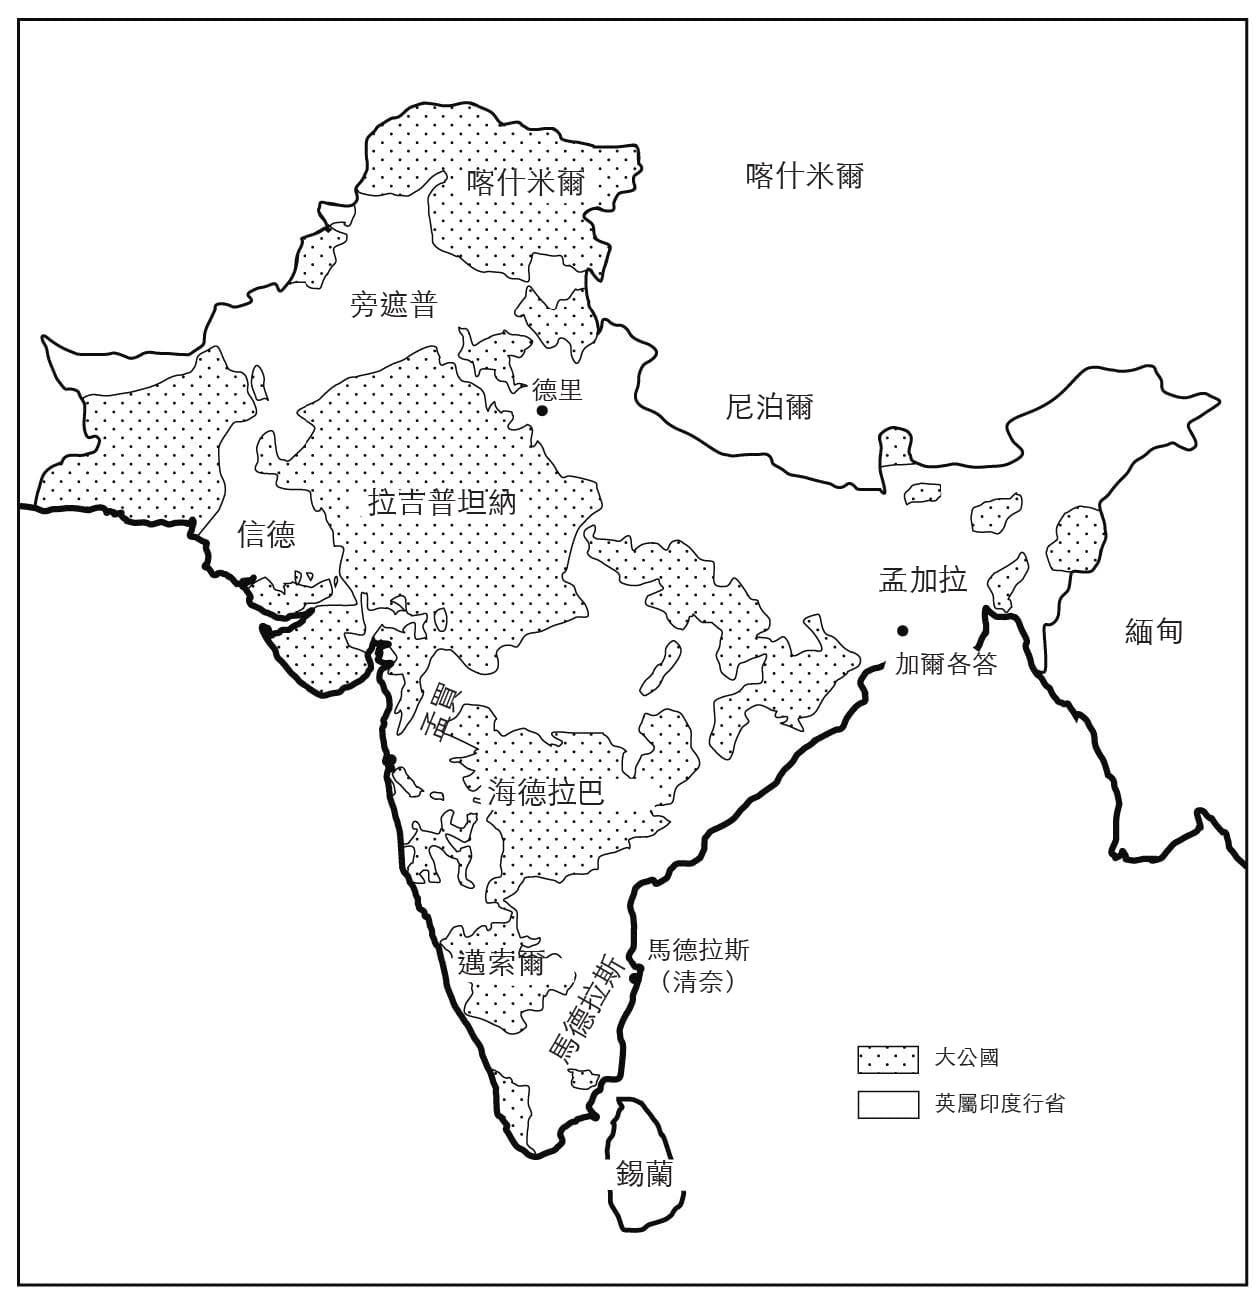 英國殖民統治的歷史:歐洲文明對印度的影響